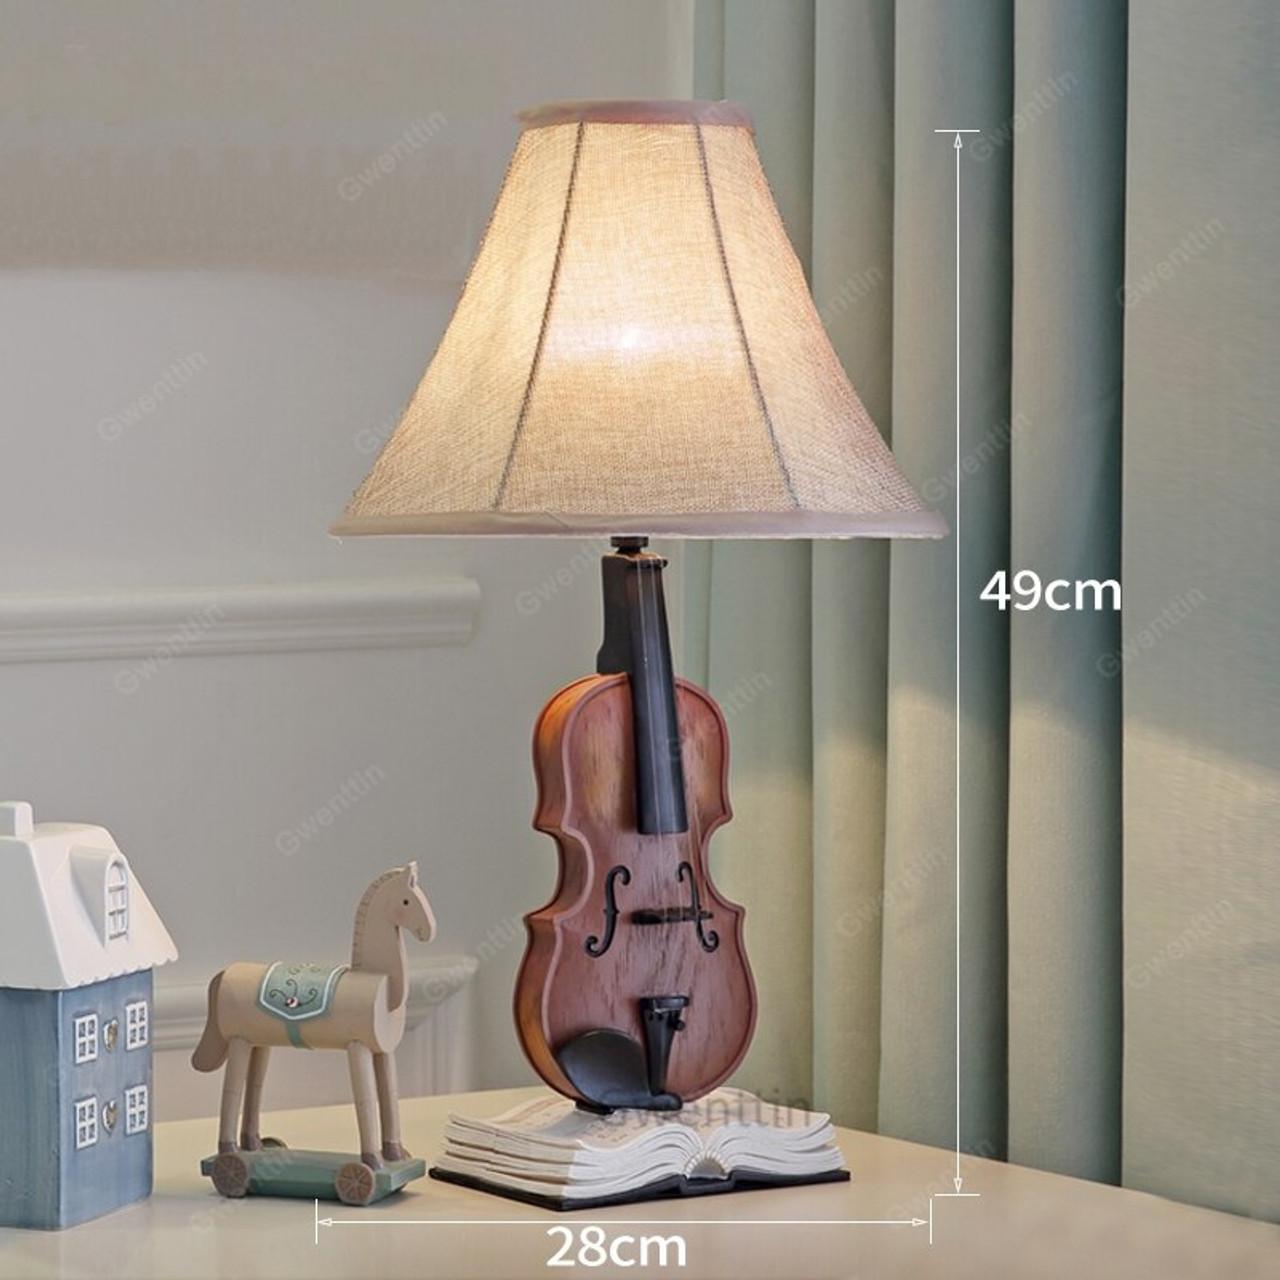 Resin Violin Table Lamps Living Room Modern Desk Lamp Children S Room Bedroom Bedside Lamp Led Stand Light Fixtures Home Deco Onshopdeals Com